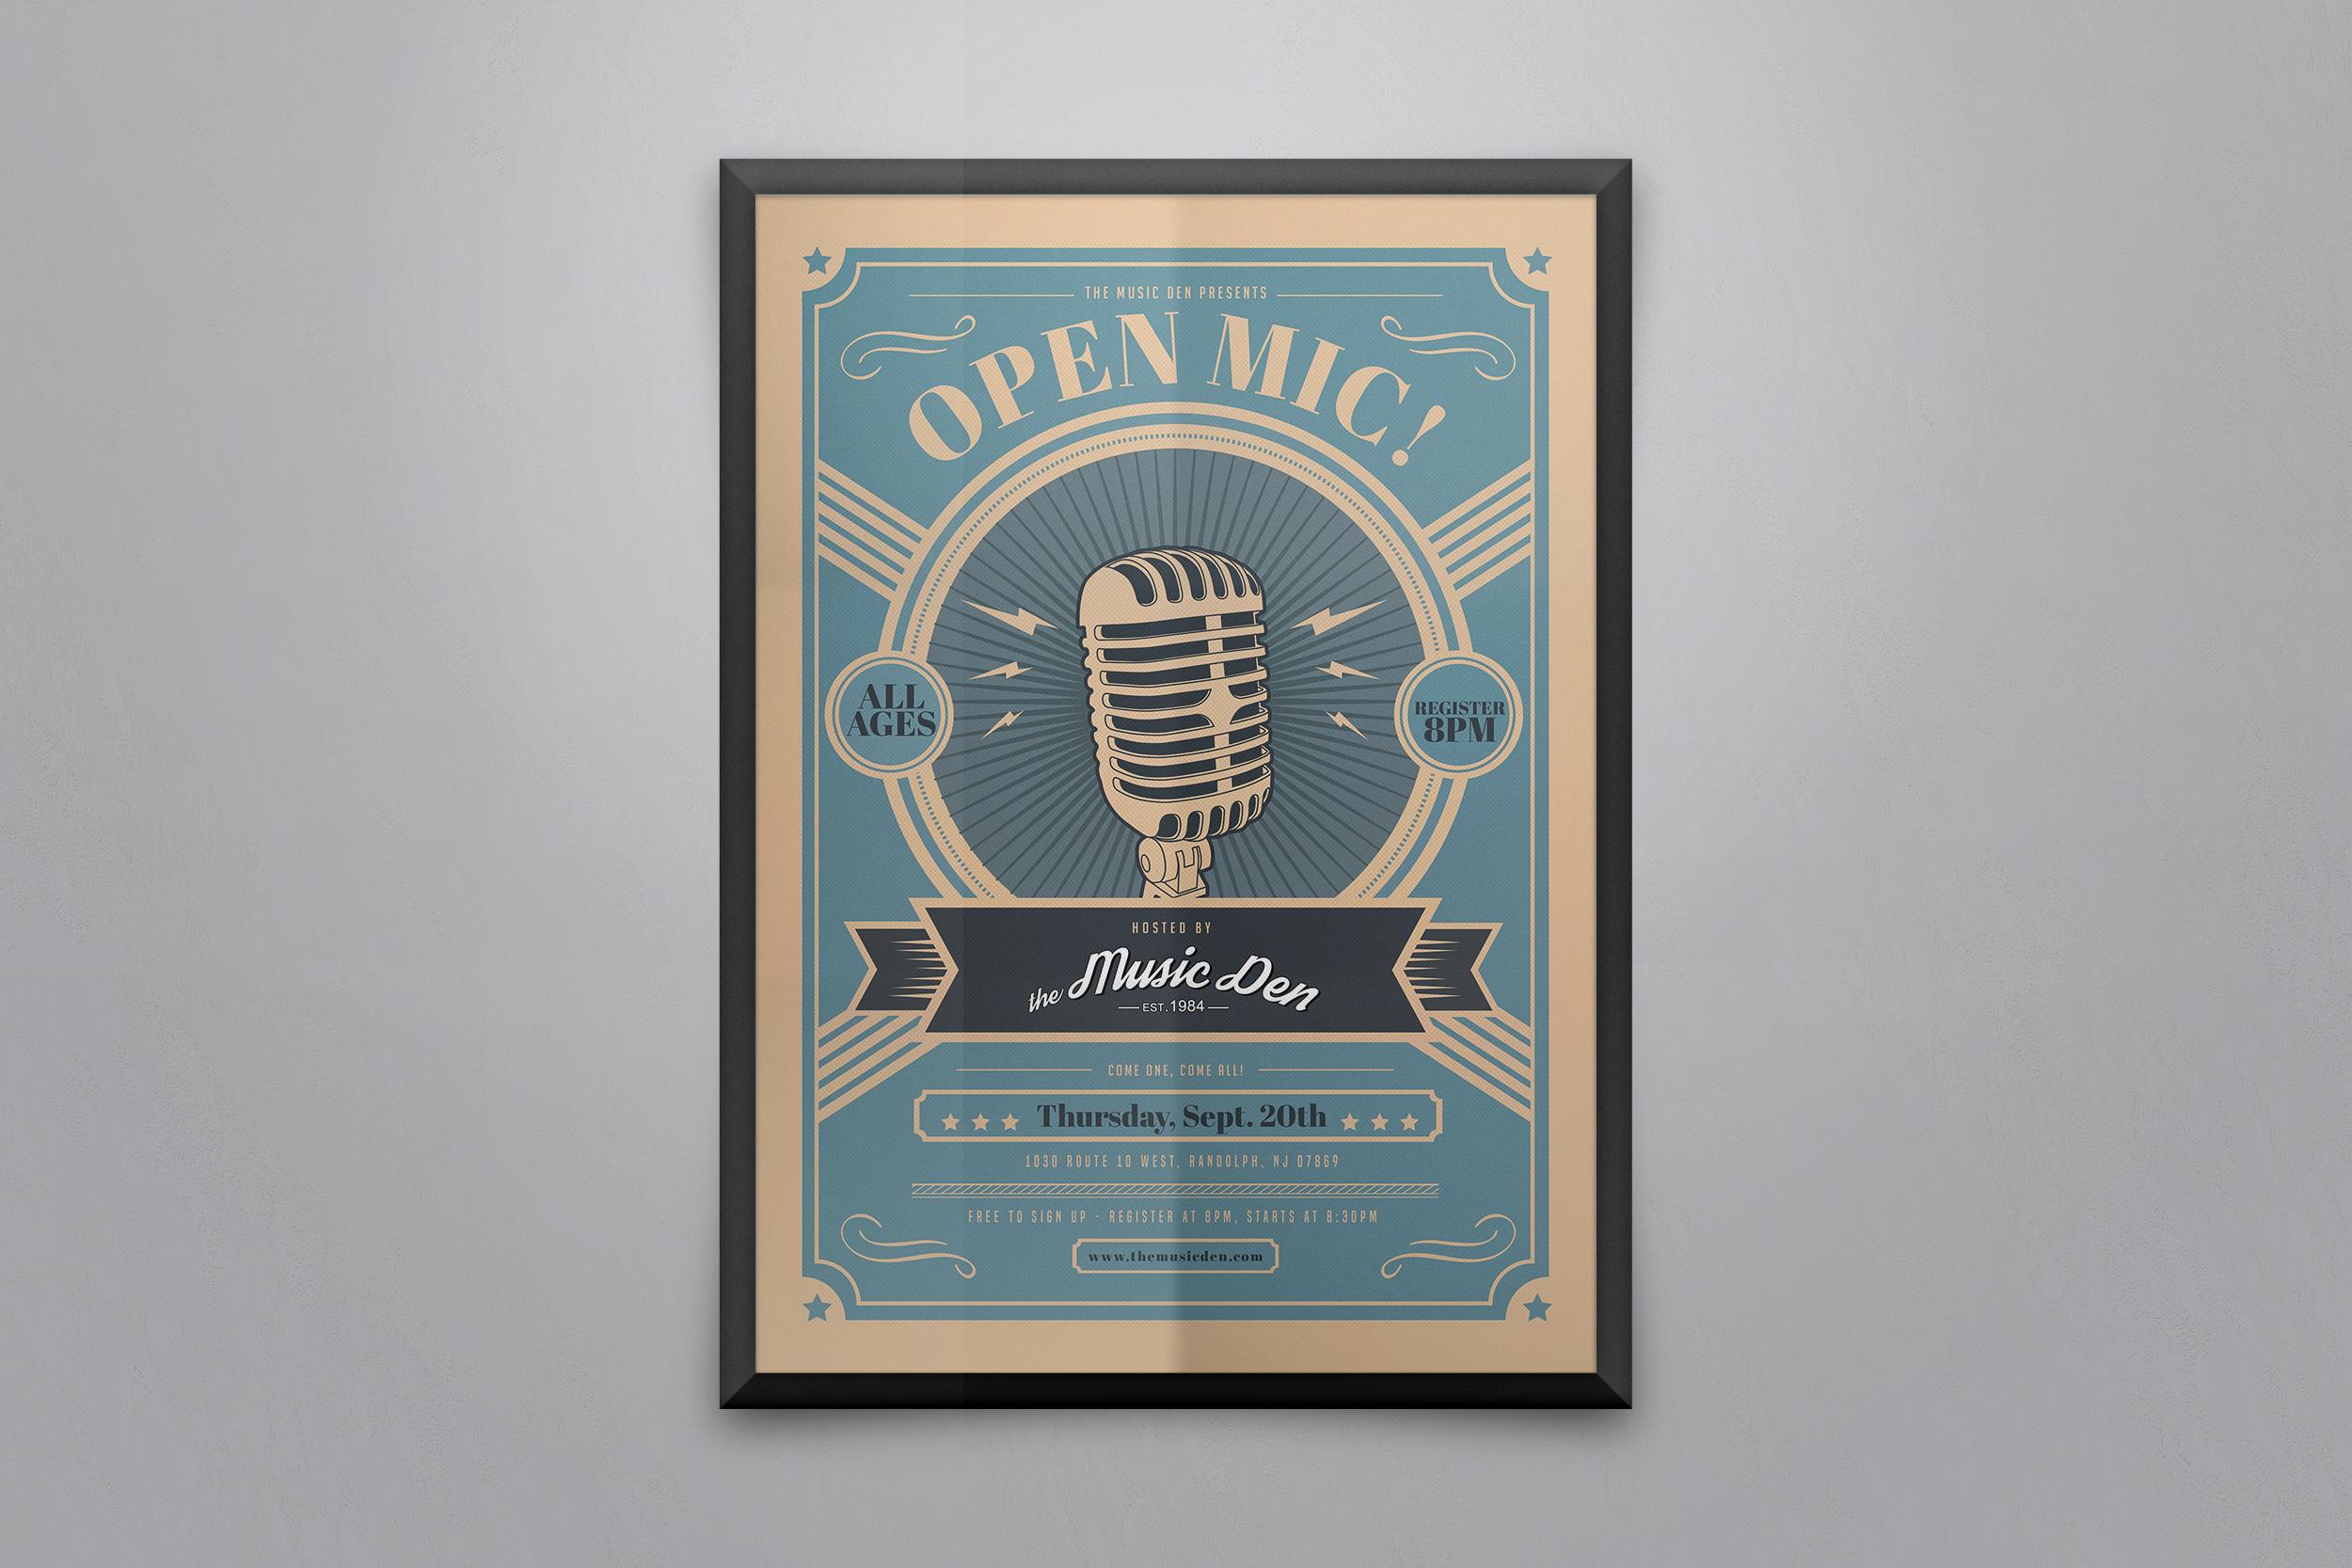 md-open-mic.jpg